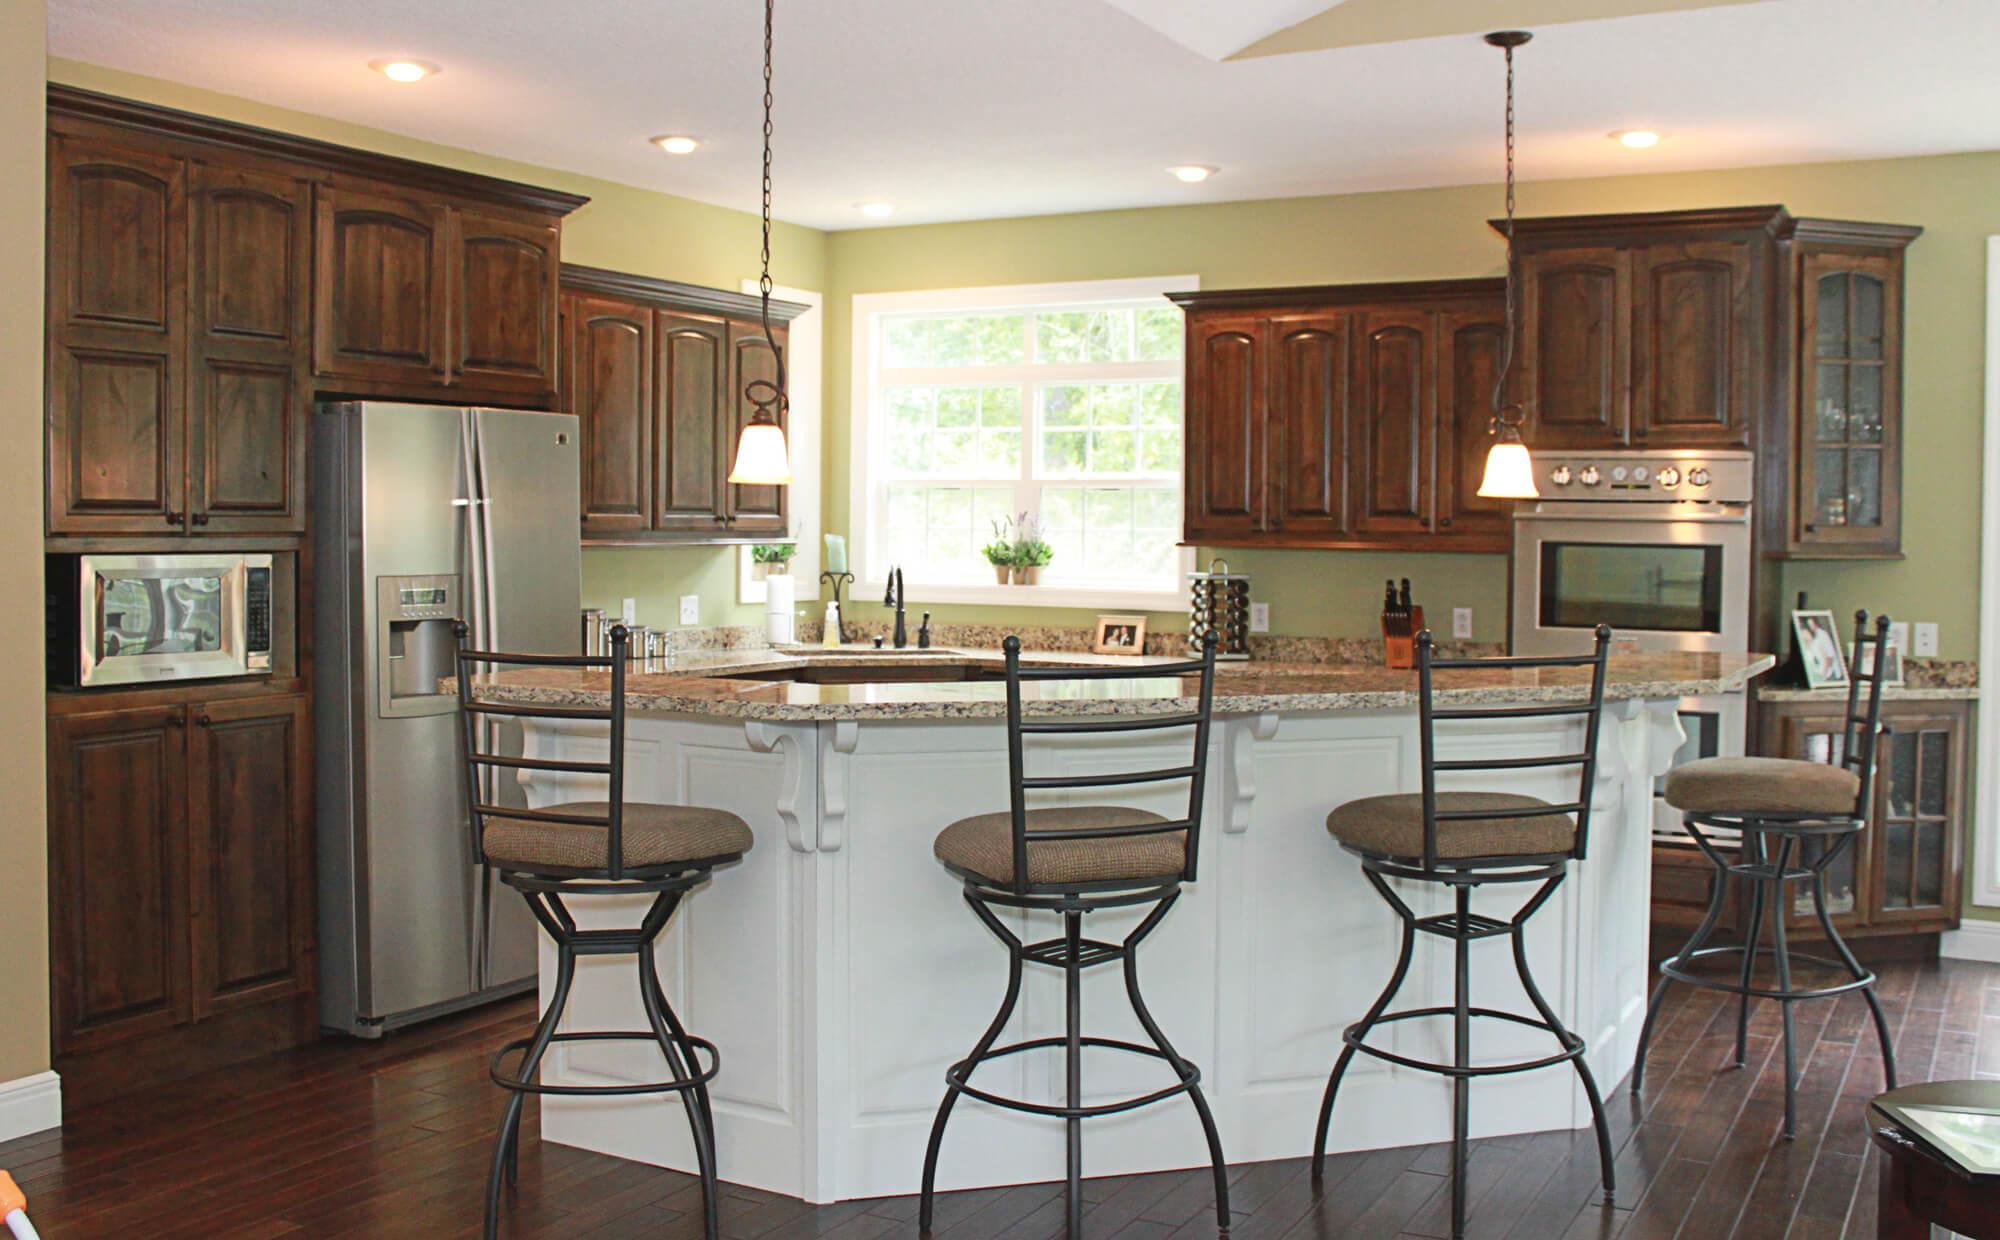 custom-kitchen-cabinet-knotty-alder-9